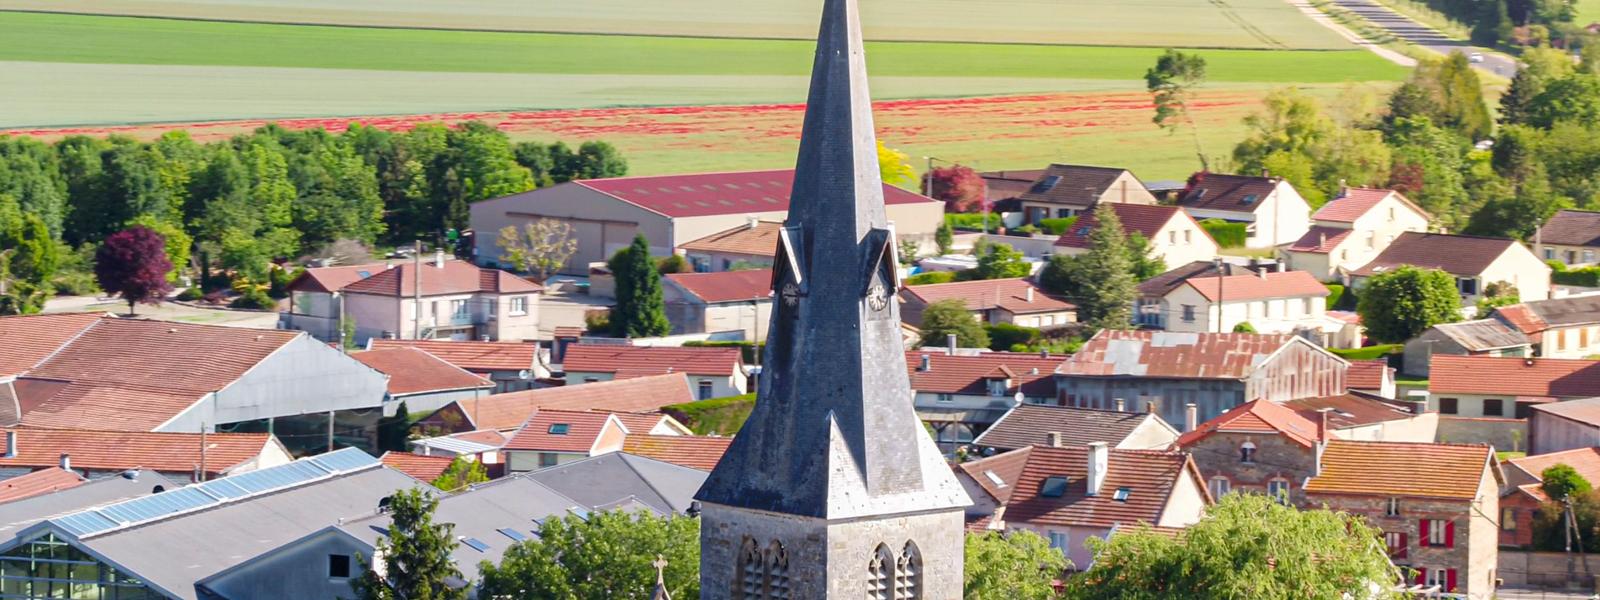 Photo clocher - Ville de Suippes